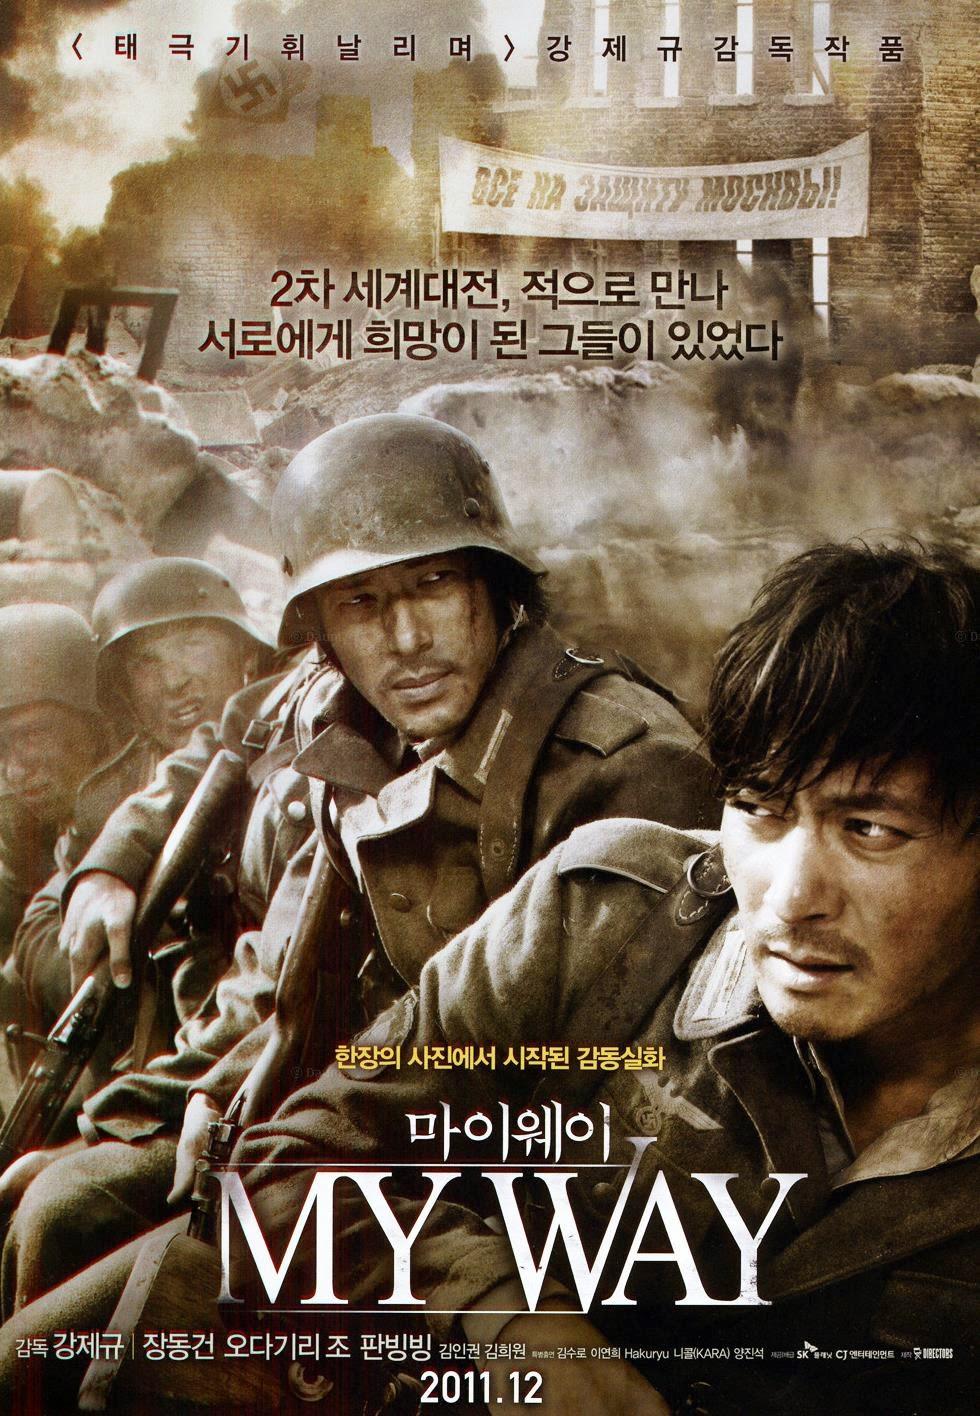 phim chiến tranh mà tầm cỡ này thì so với Hollywood được rồi, chứ dăm ba  cái thằng Trung Nhật không đủ tuổi